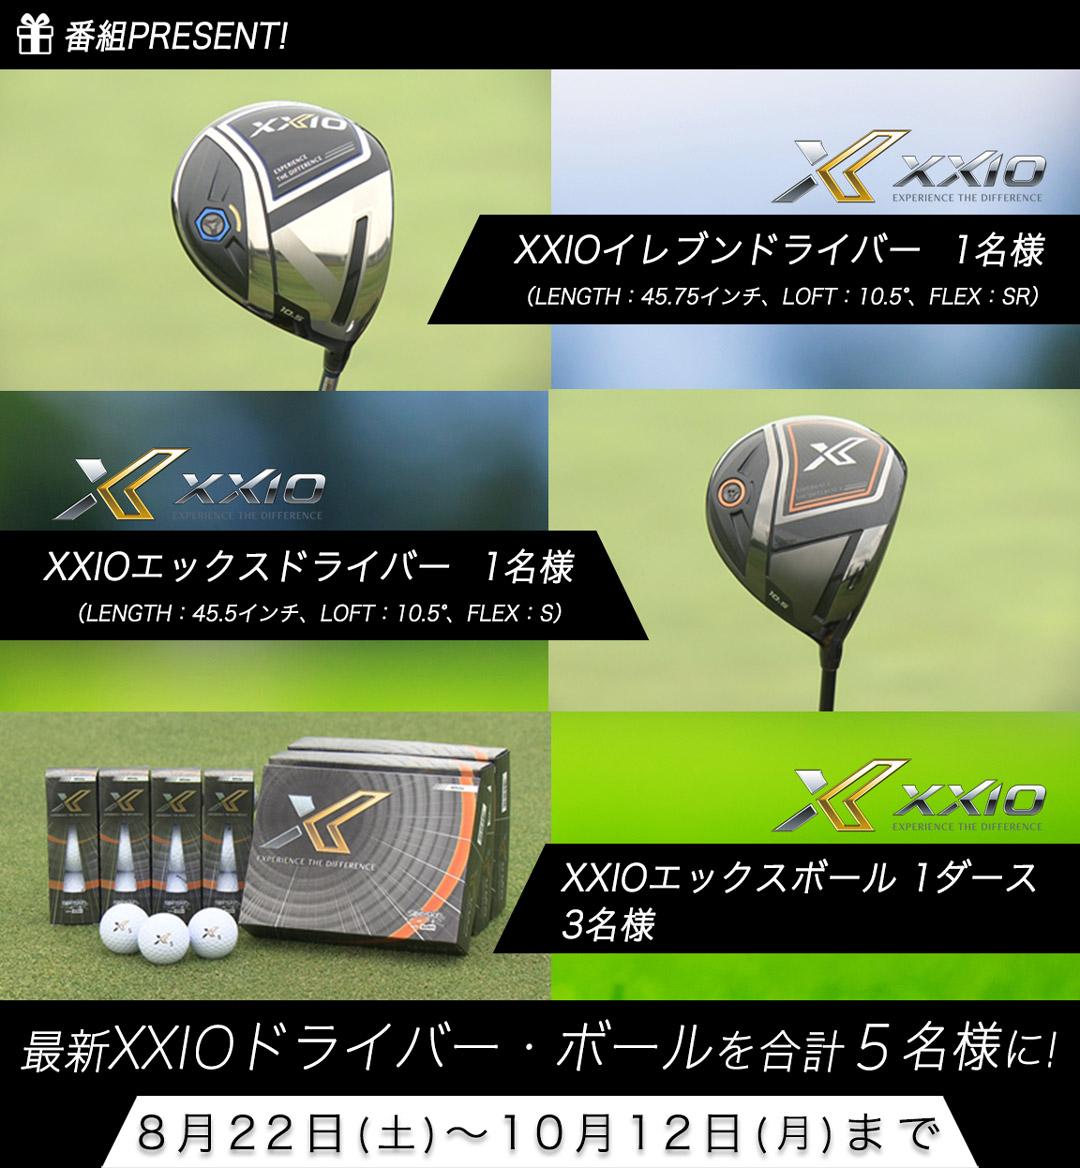 ラキールカップ第6回日本クラブチームゴルフ選手権 番組プレゼント